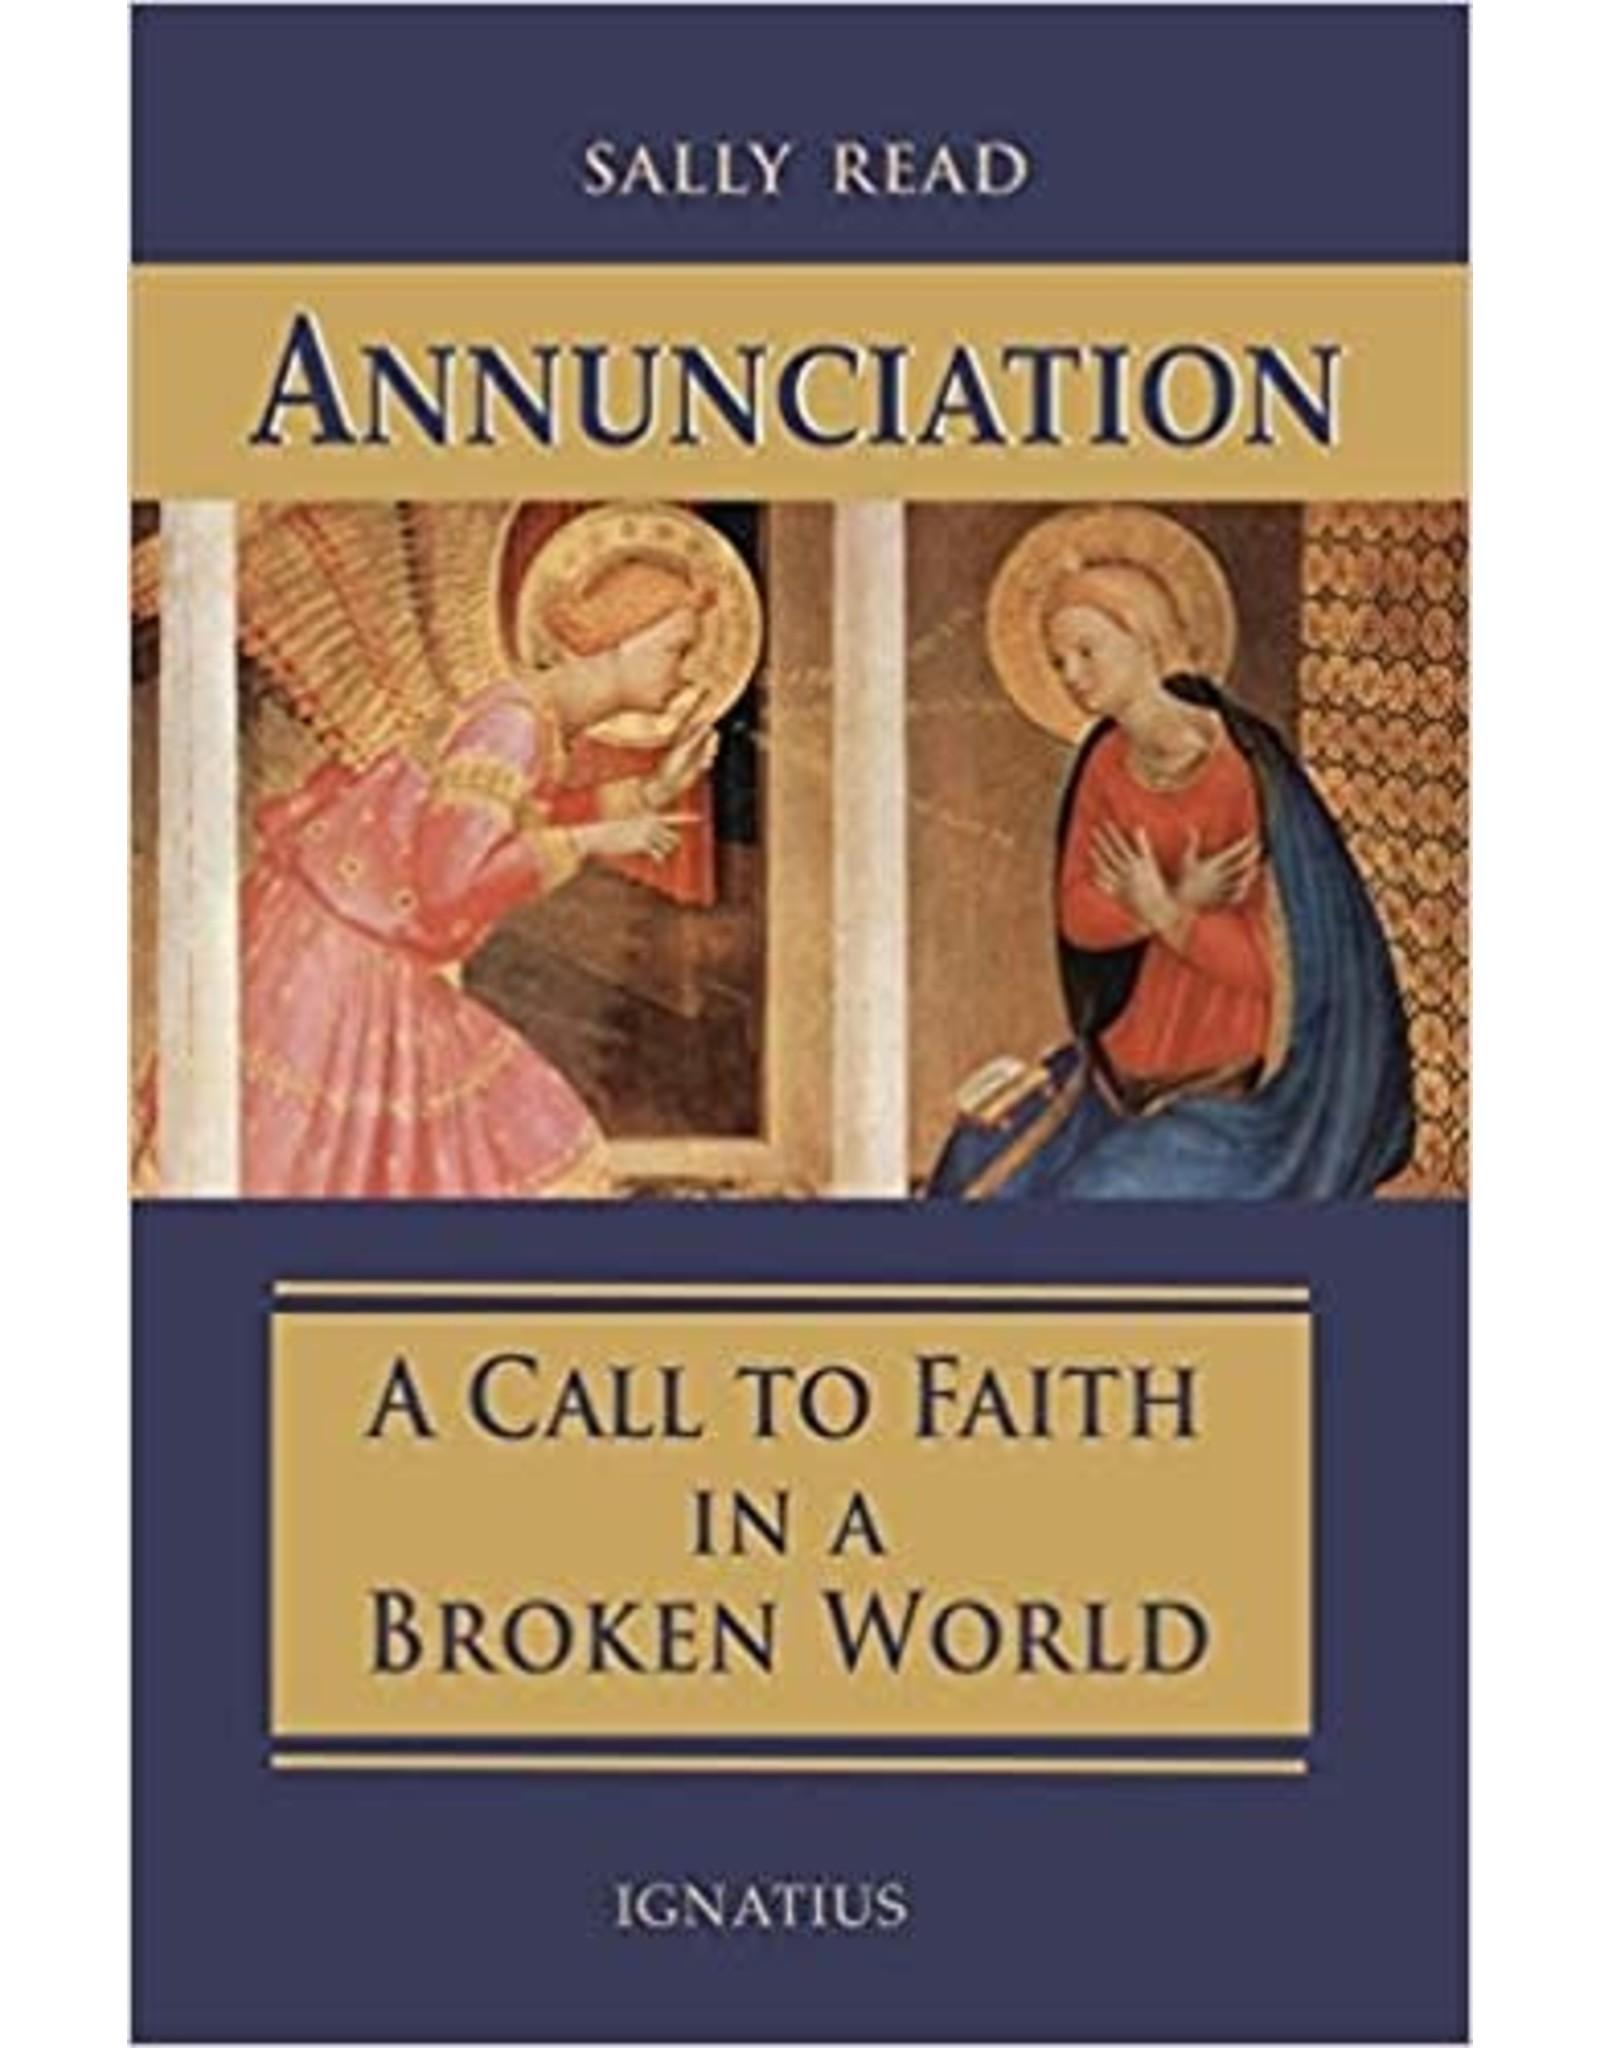 Annunciation: A Call to Faith in a Broken World